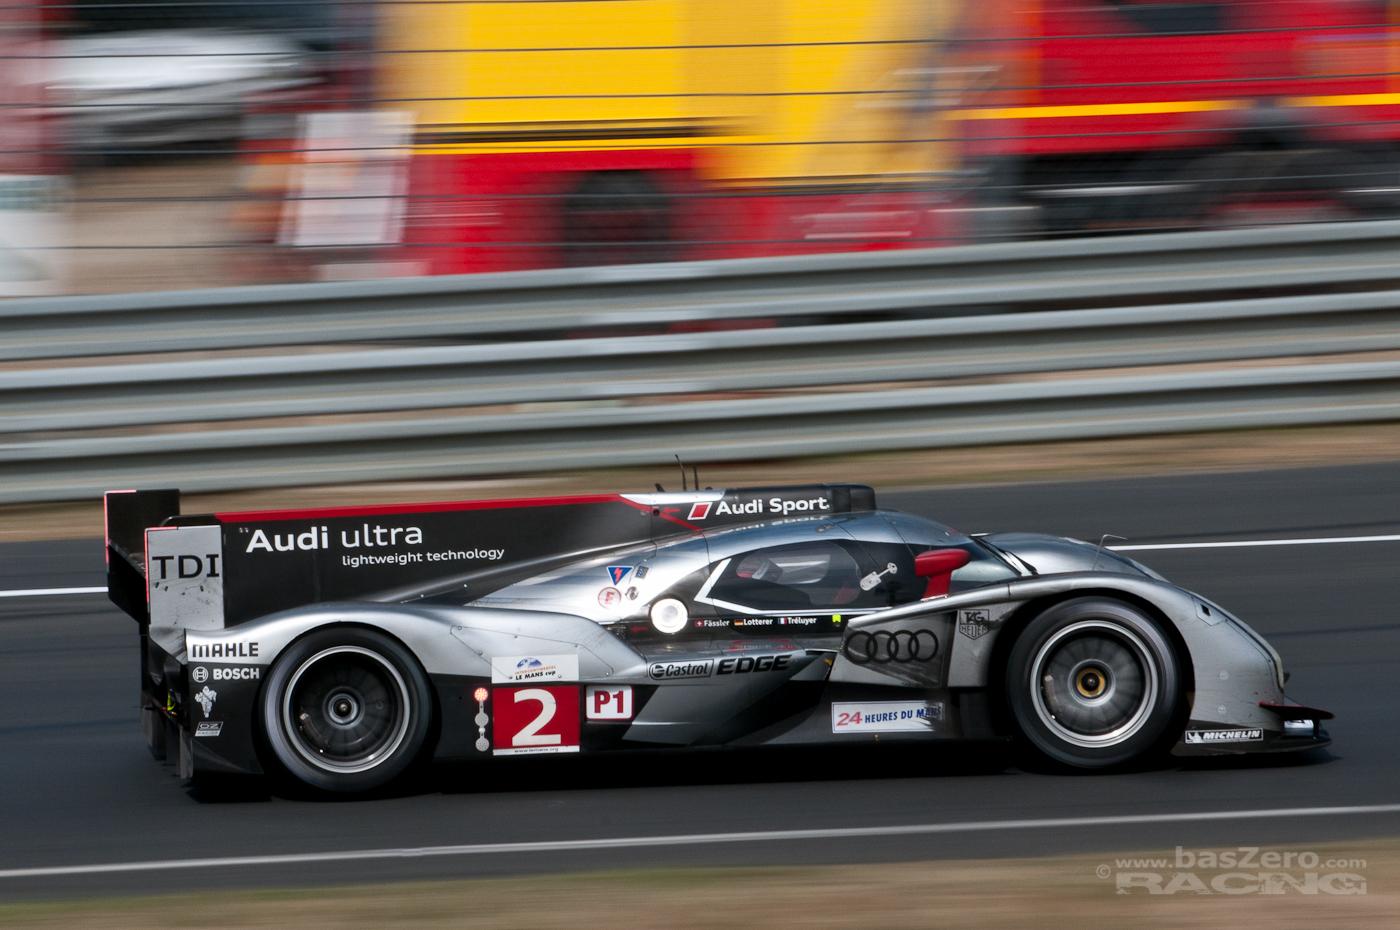 Marcel Fässler im Siegerfahrzeug #2 bei der Porschekurve (Le Mans 2011)